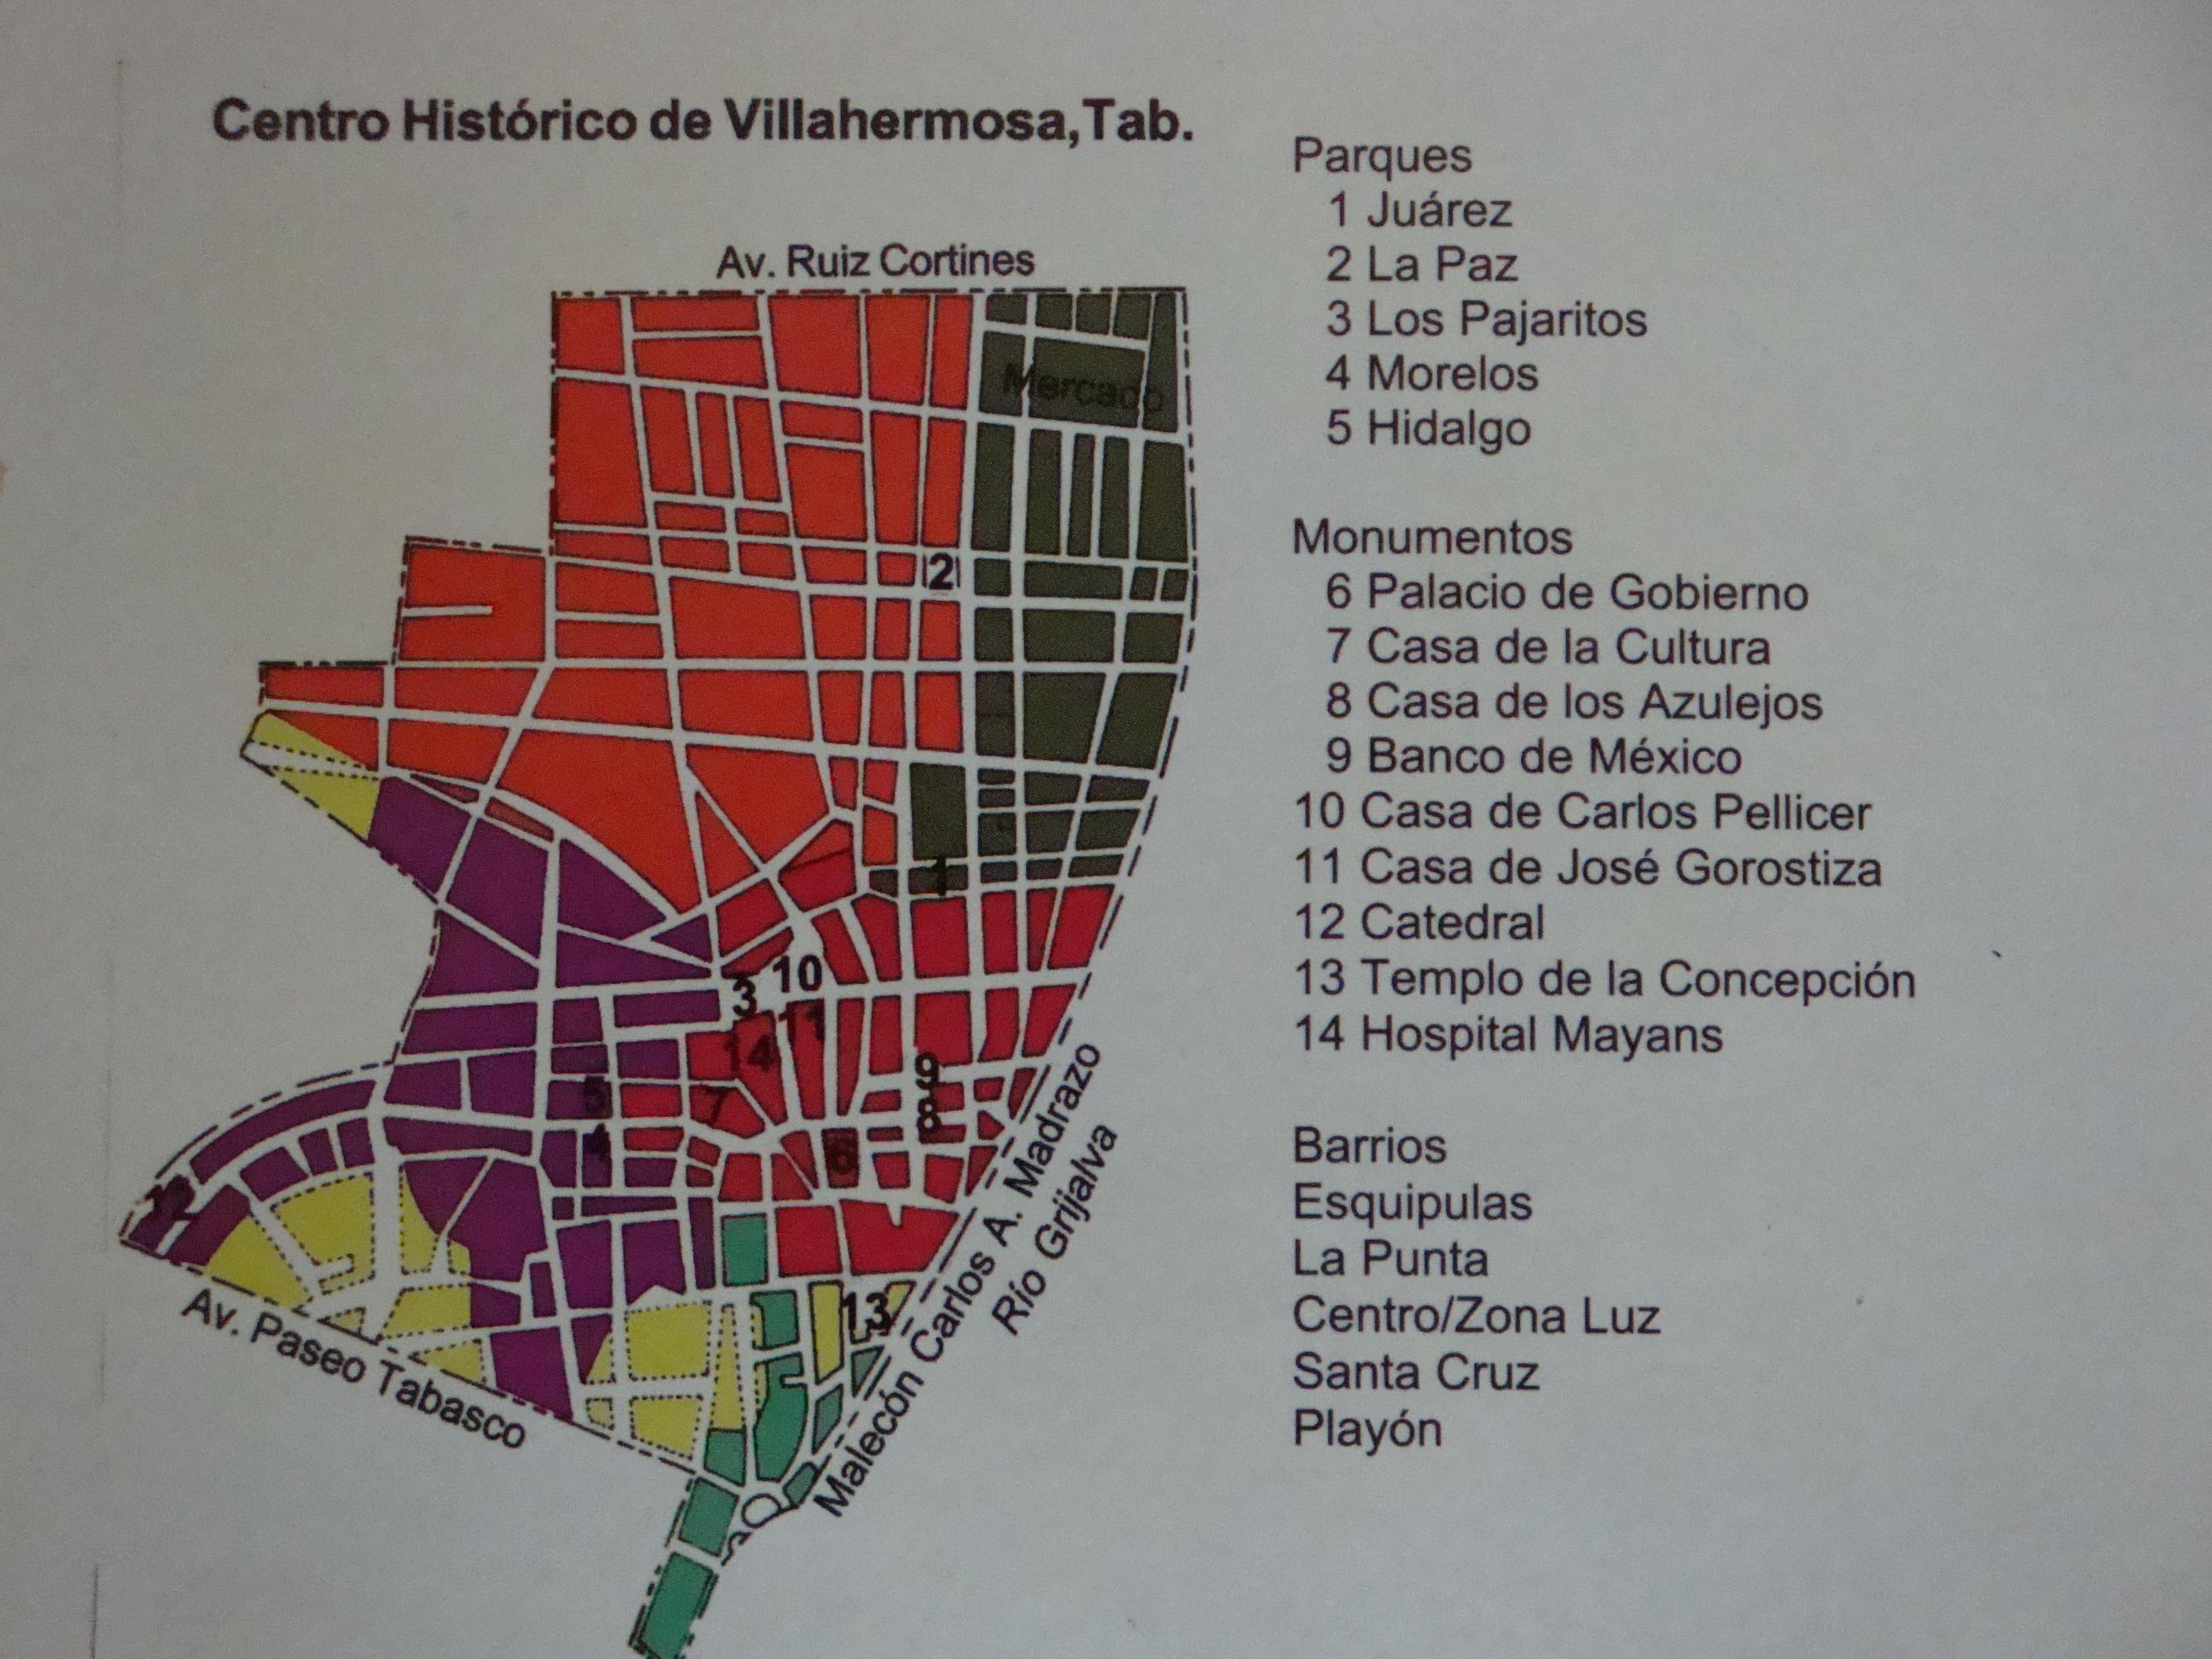 Mapa Y Ubicación Del Logo Azul Mapa Logotipo De: File:Villahermosa Mapa Centro Histórico.jpg